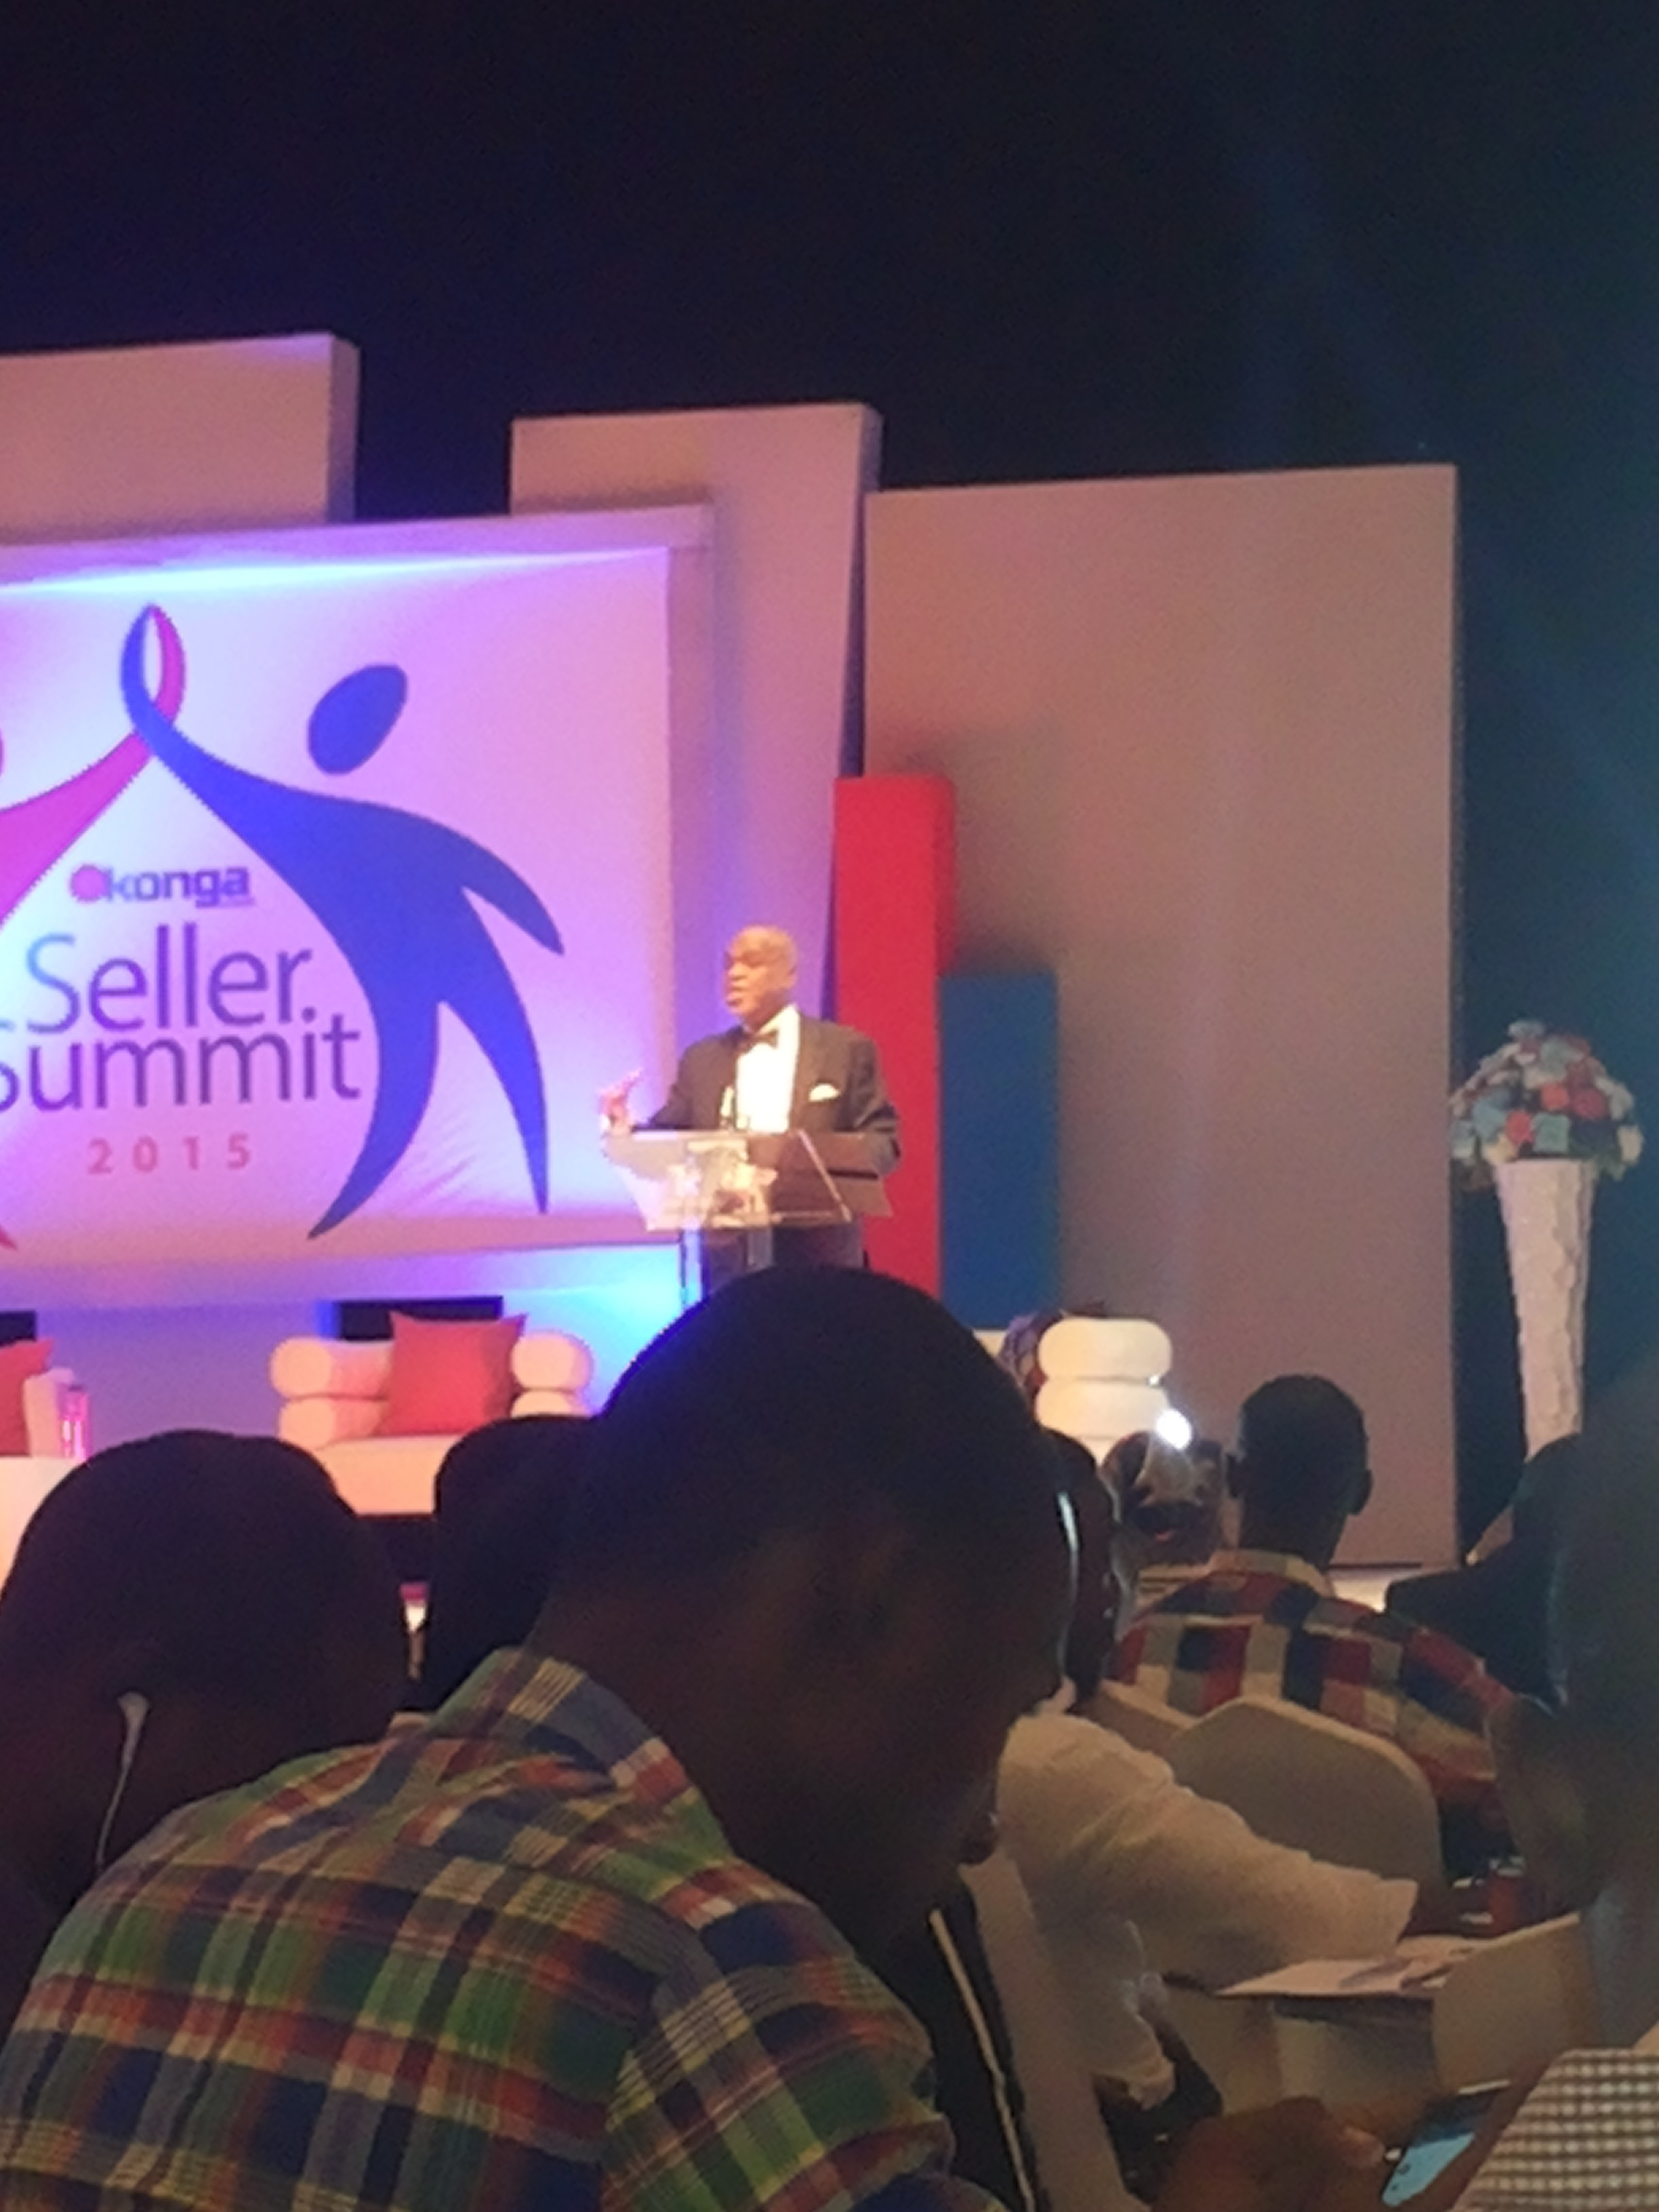 Troyka's Biodun Shobanjo giving the Keynote address